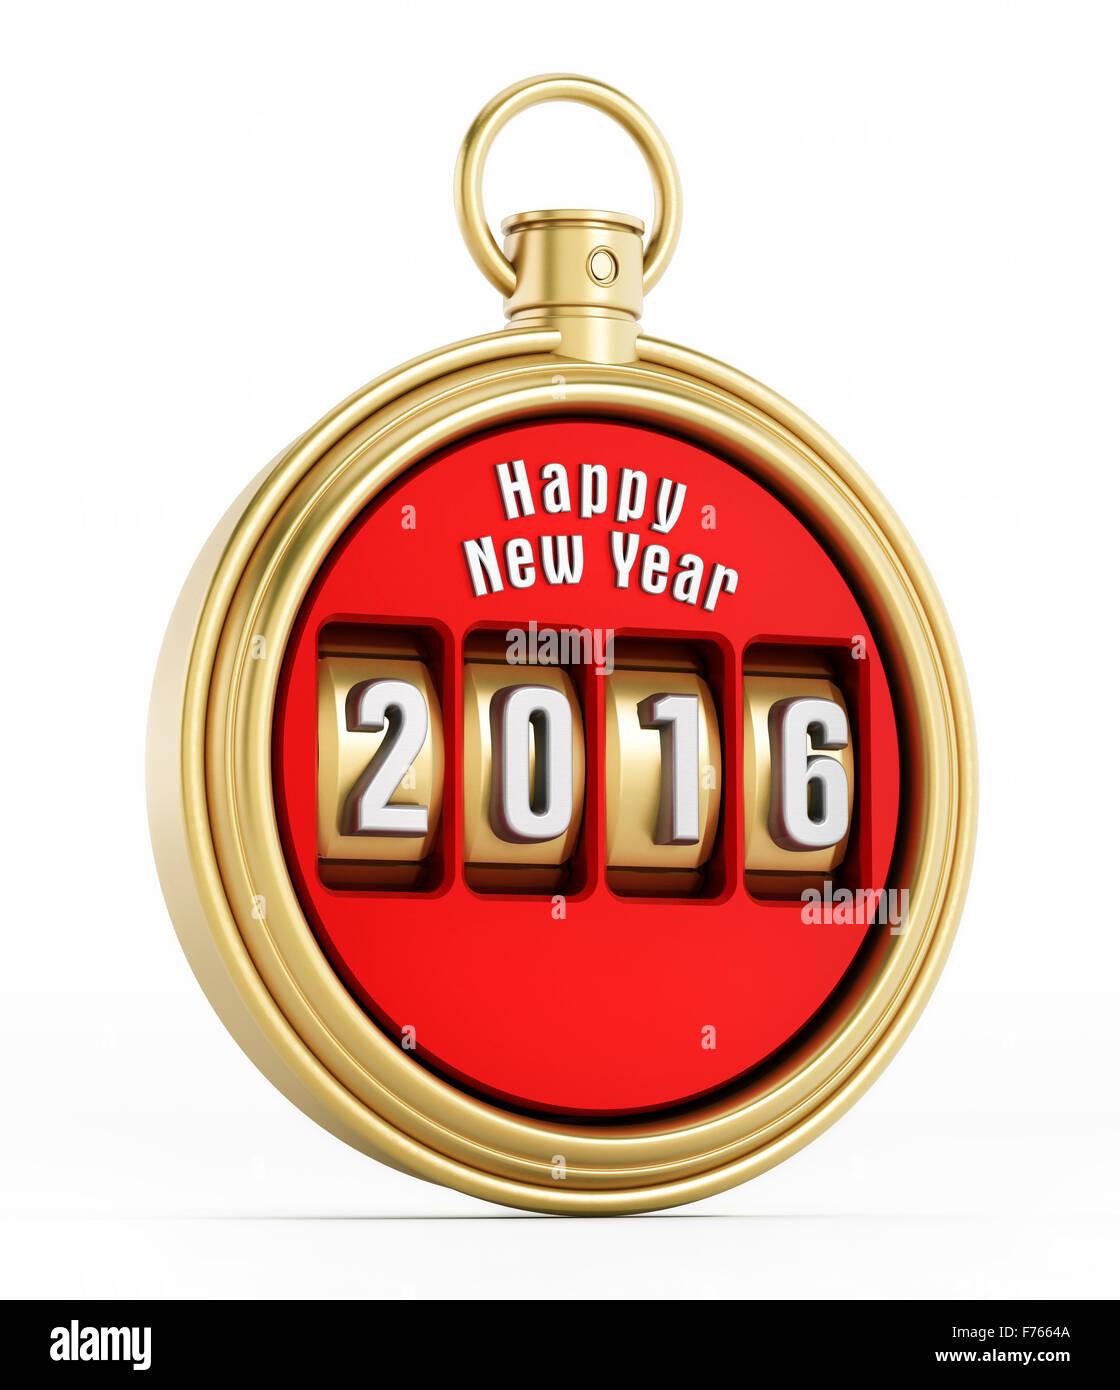 New year 2016 chronometer isolated on white background - Stock Image